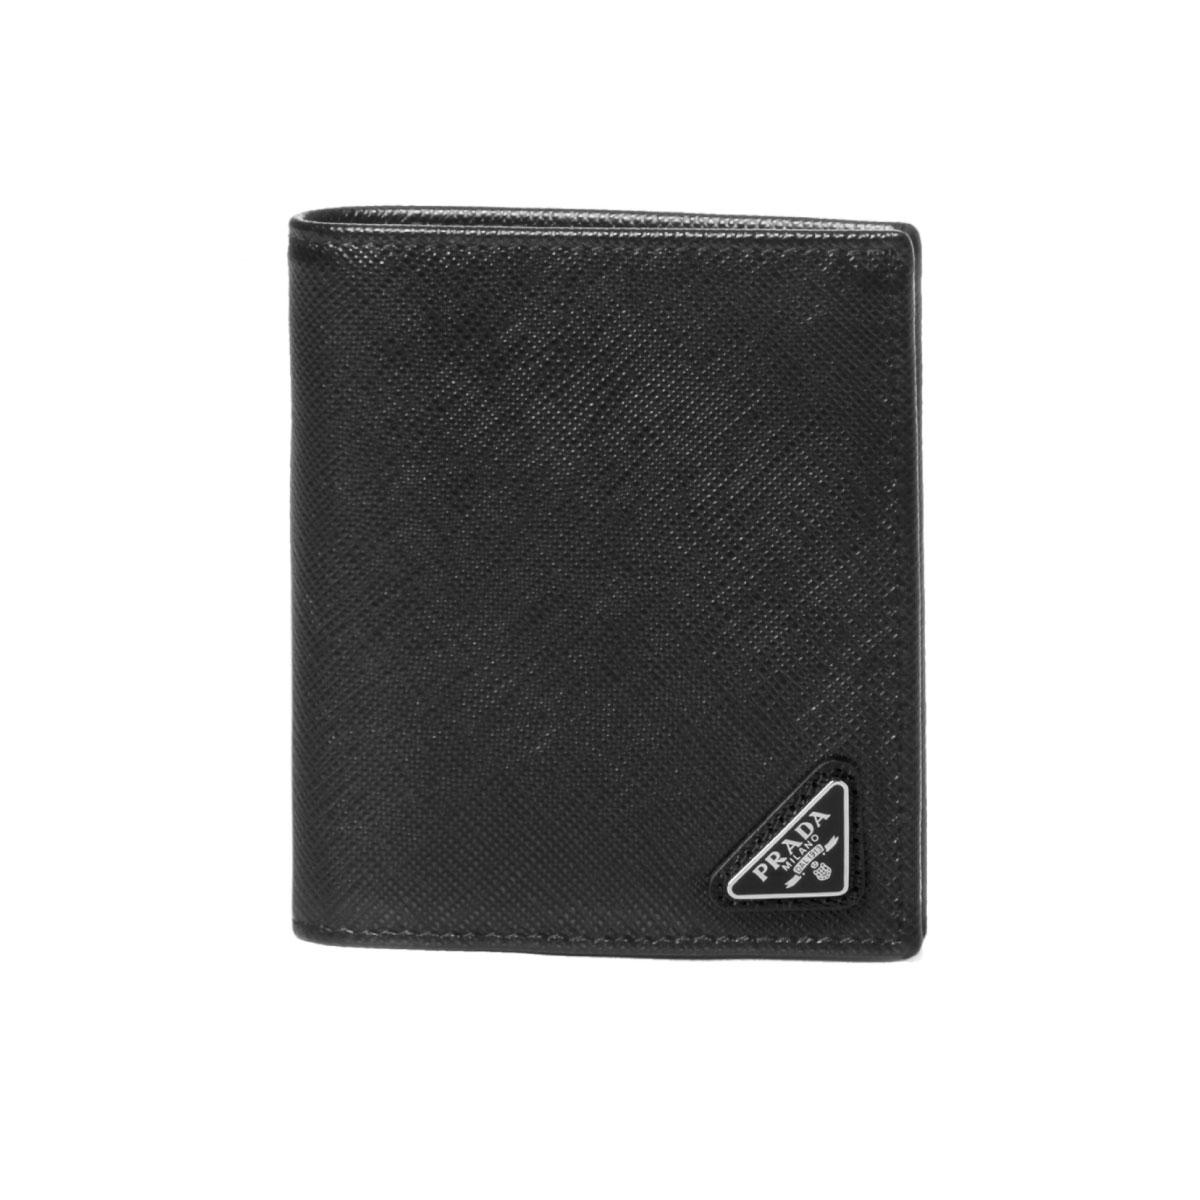 プラダ PRADA 財布 メンズ 2MO004 QHH F0002 二つ折り財布 SAFFIANO TRIANGOLO NERO ブラック